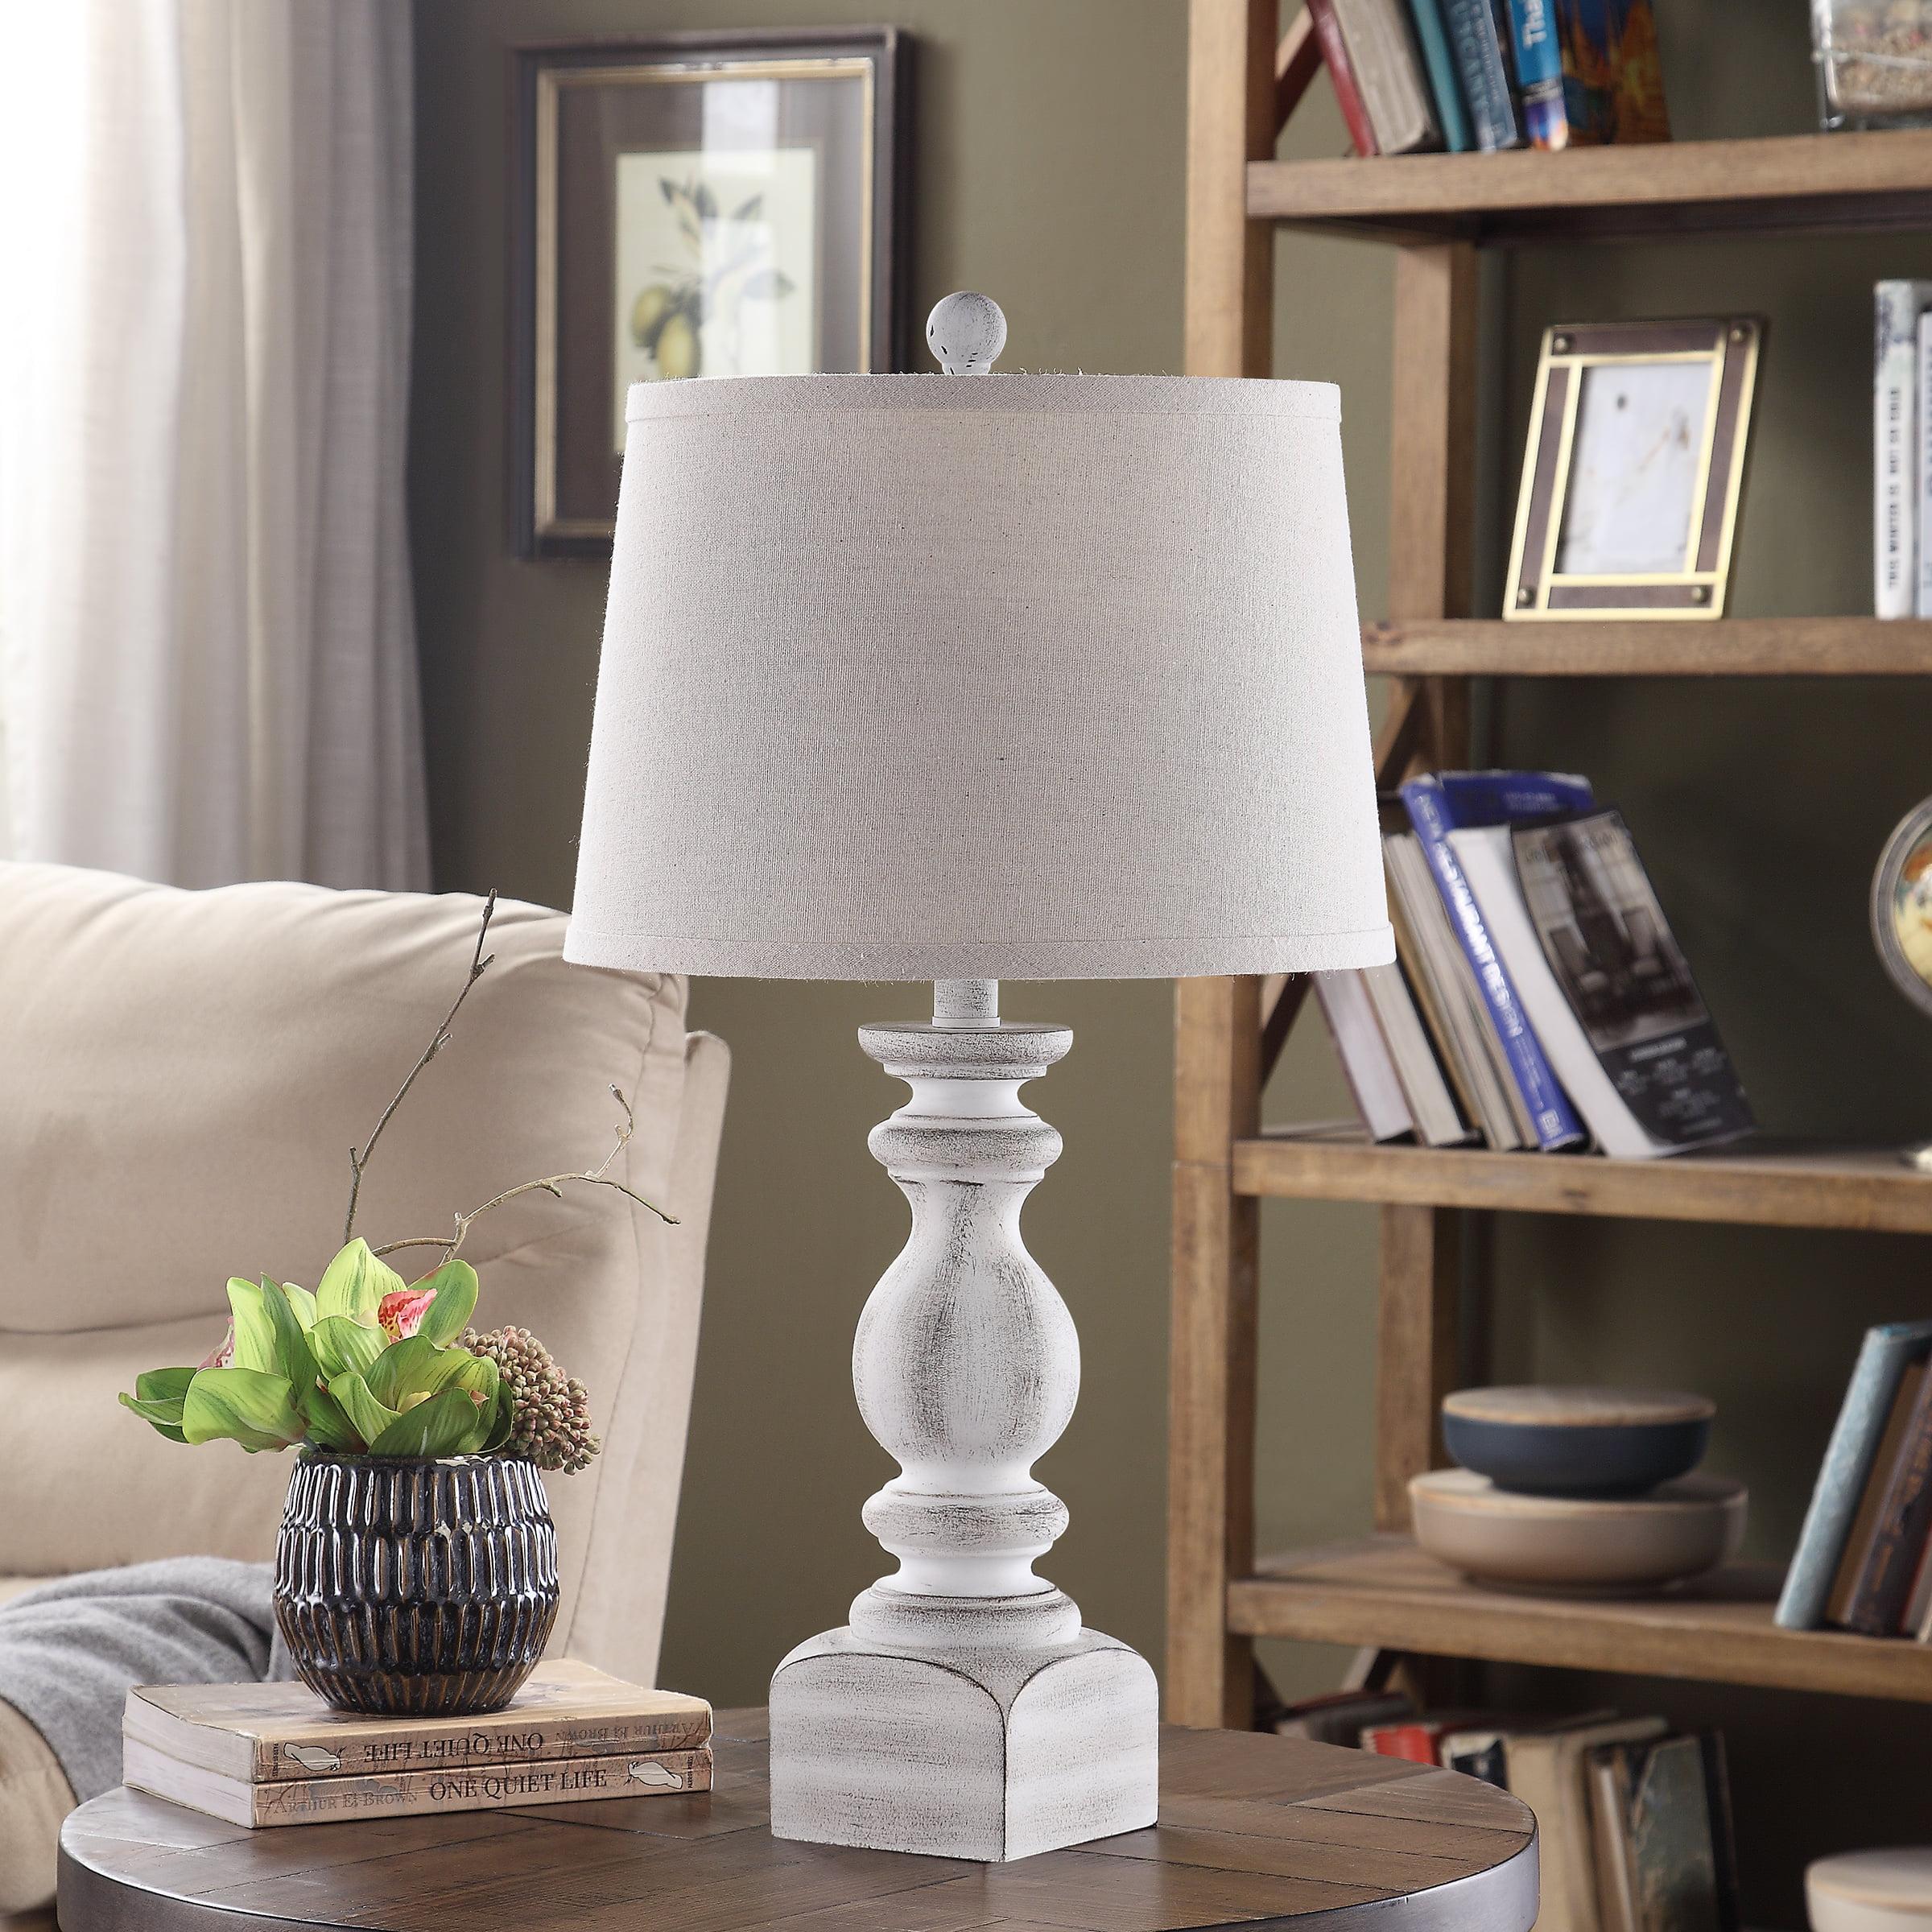 Sandhurst 25-inch Resin Tapered Drum Table Lamp, White - Walmart